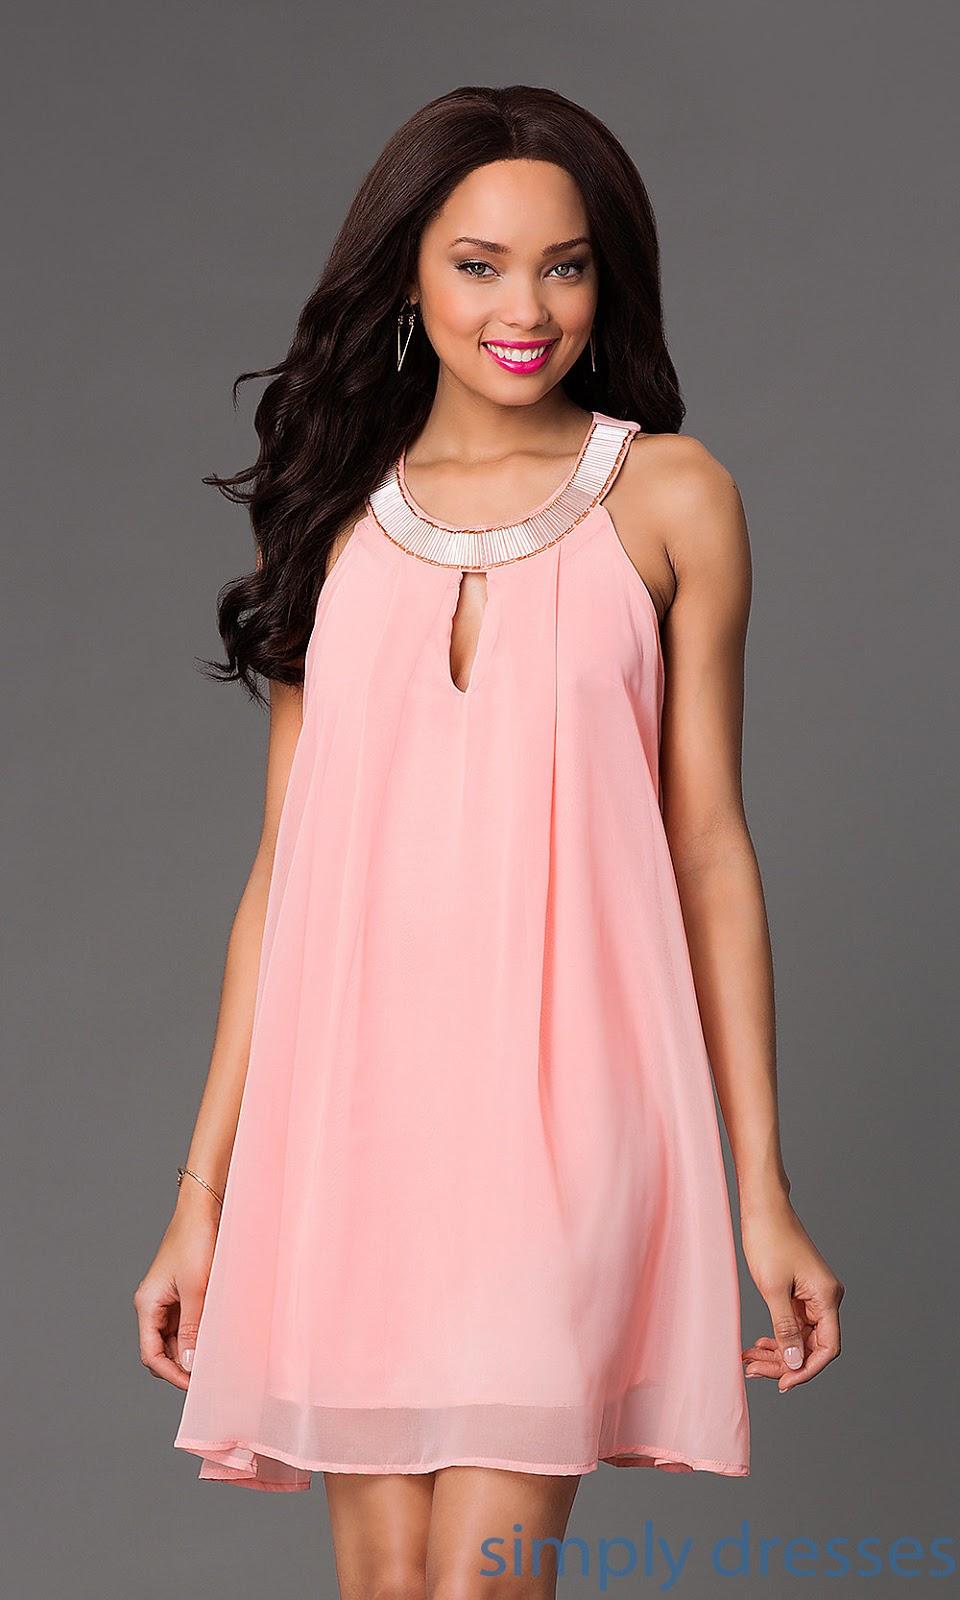 Asombroso Vestido De Cóctel De Color Rosa Claro Imagen - Colección ...